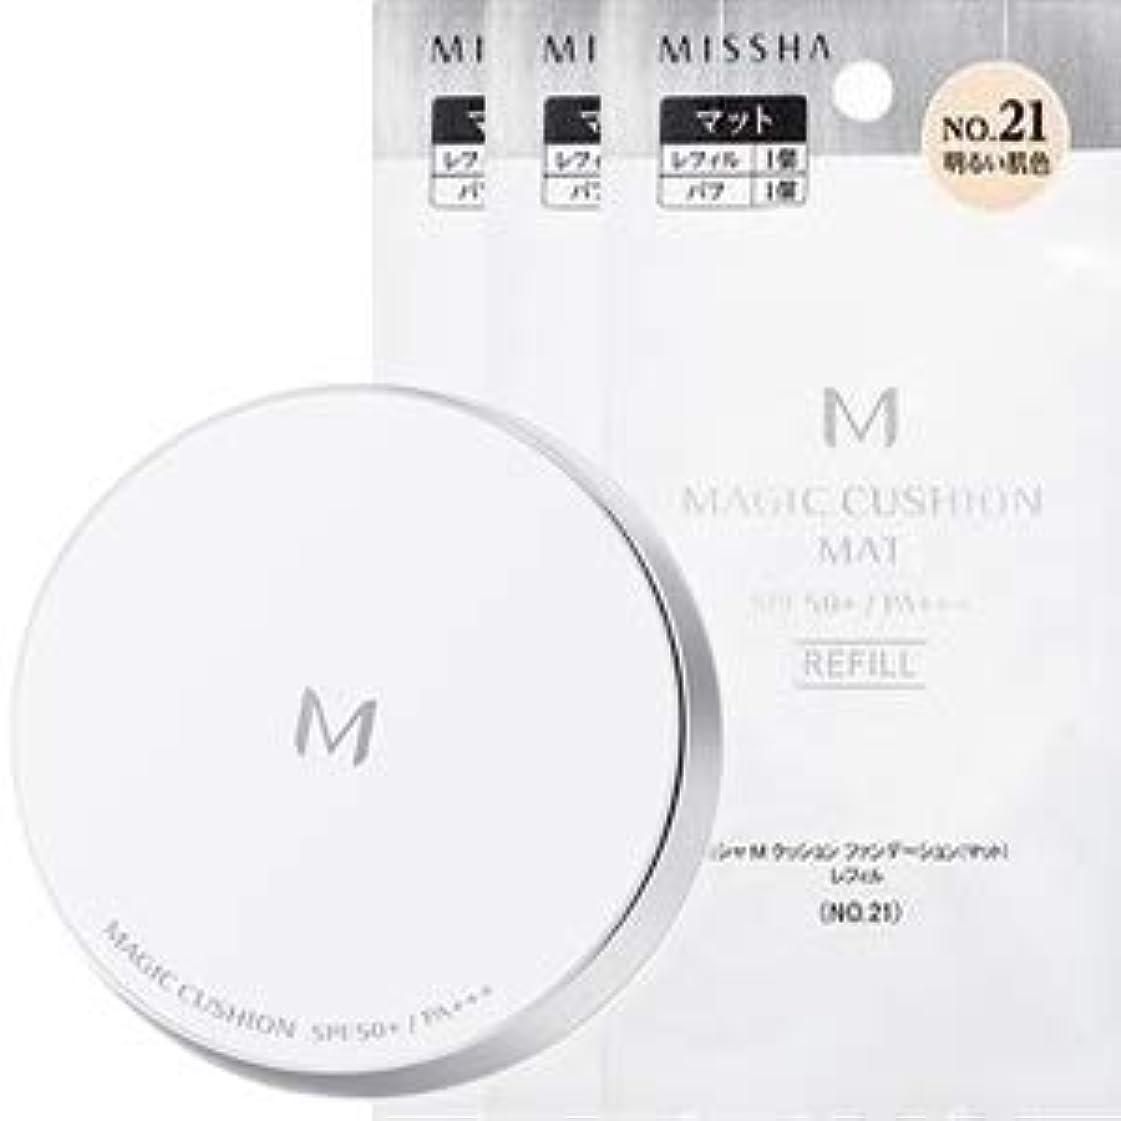 ミシャ M クッション ファンデーション (マット) No.21 本体 + レフィル 3点セット